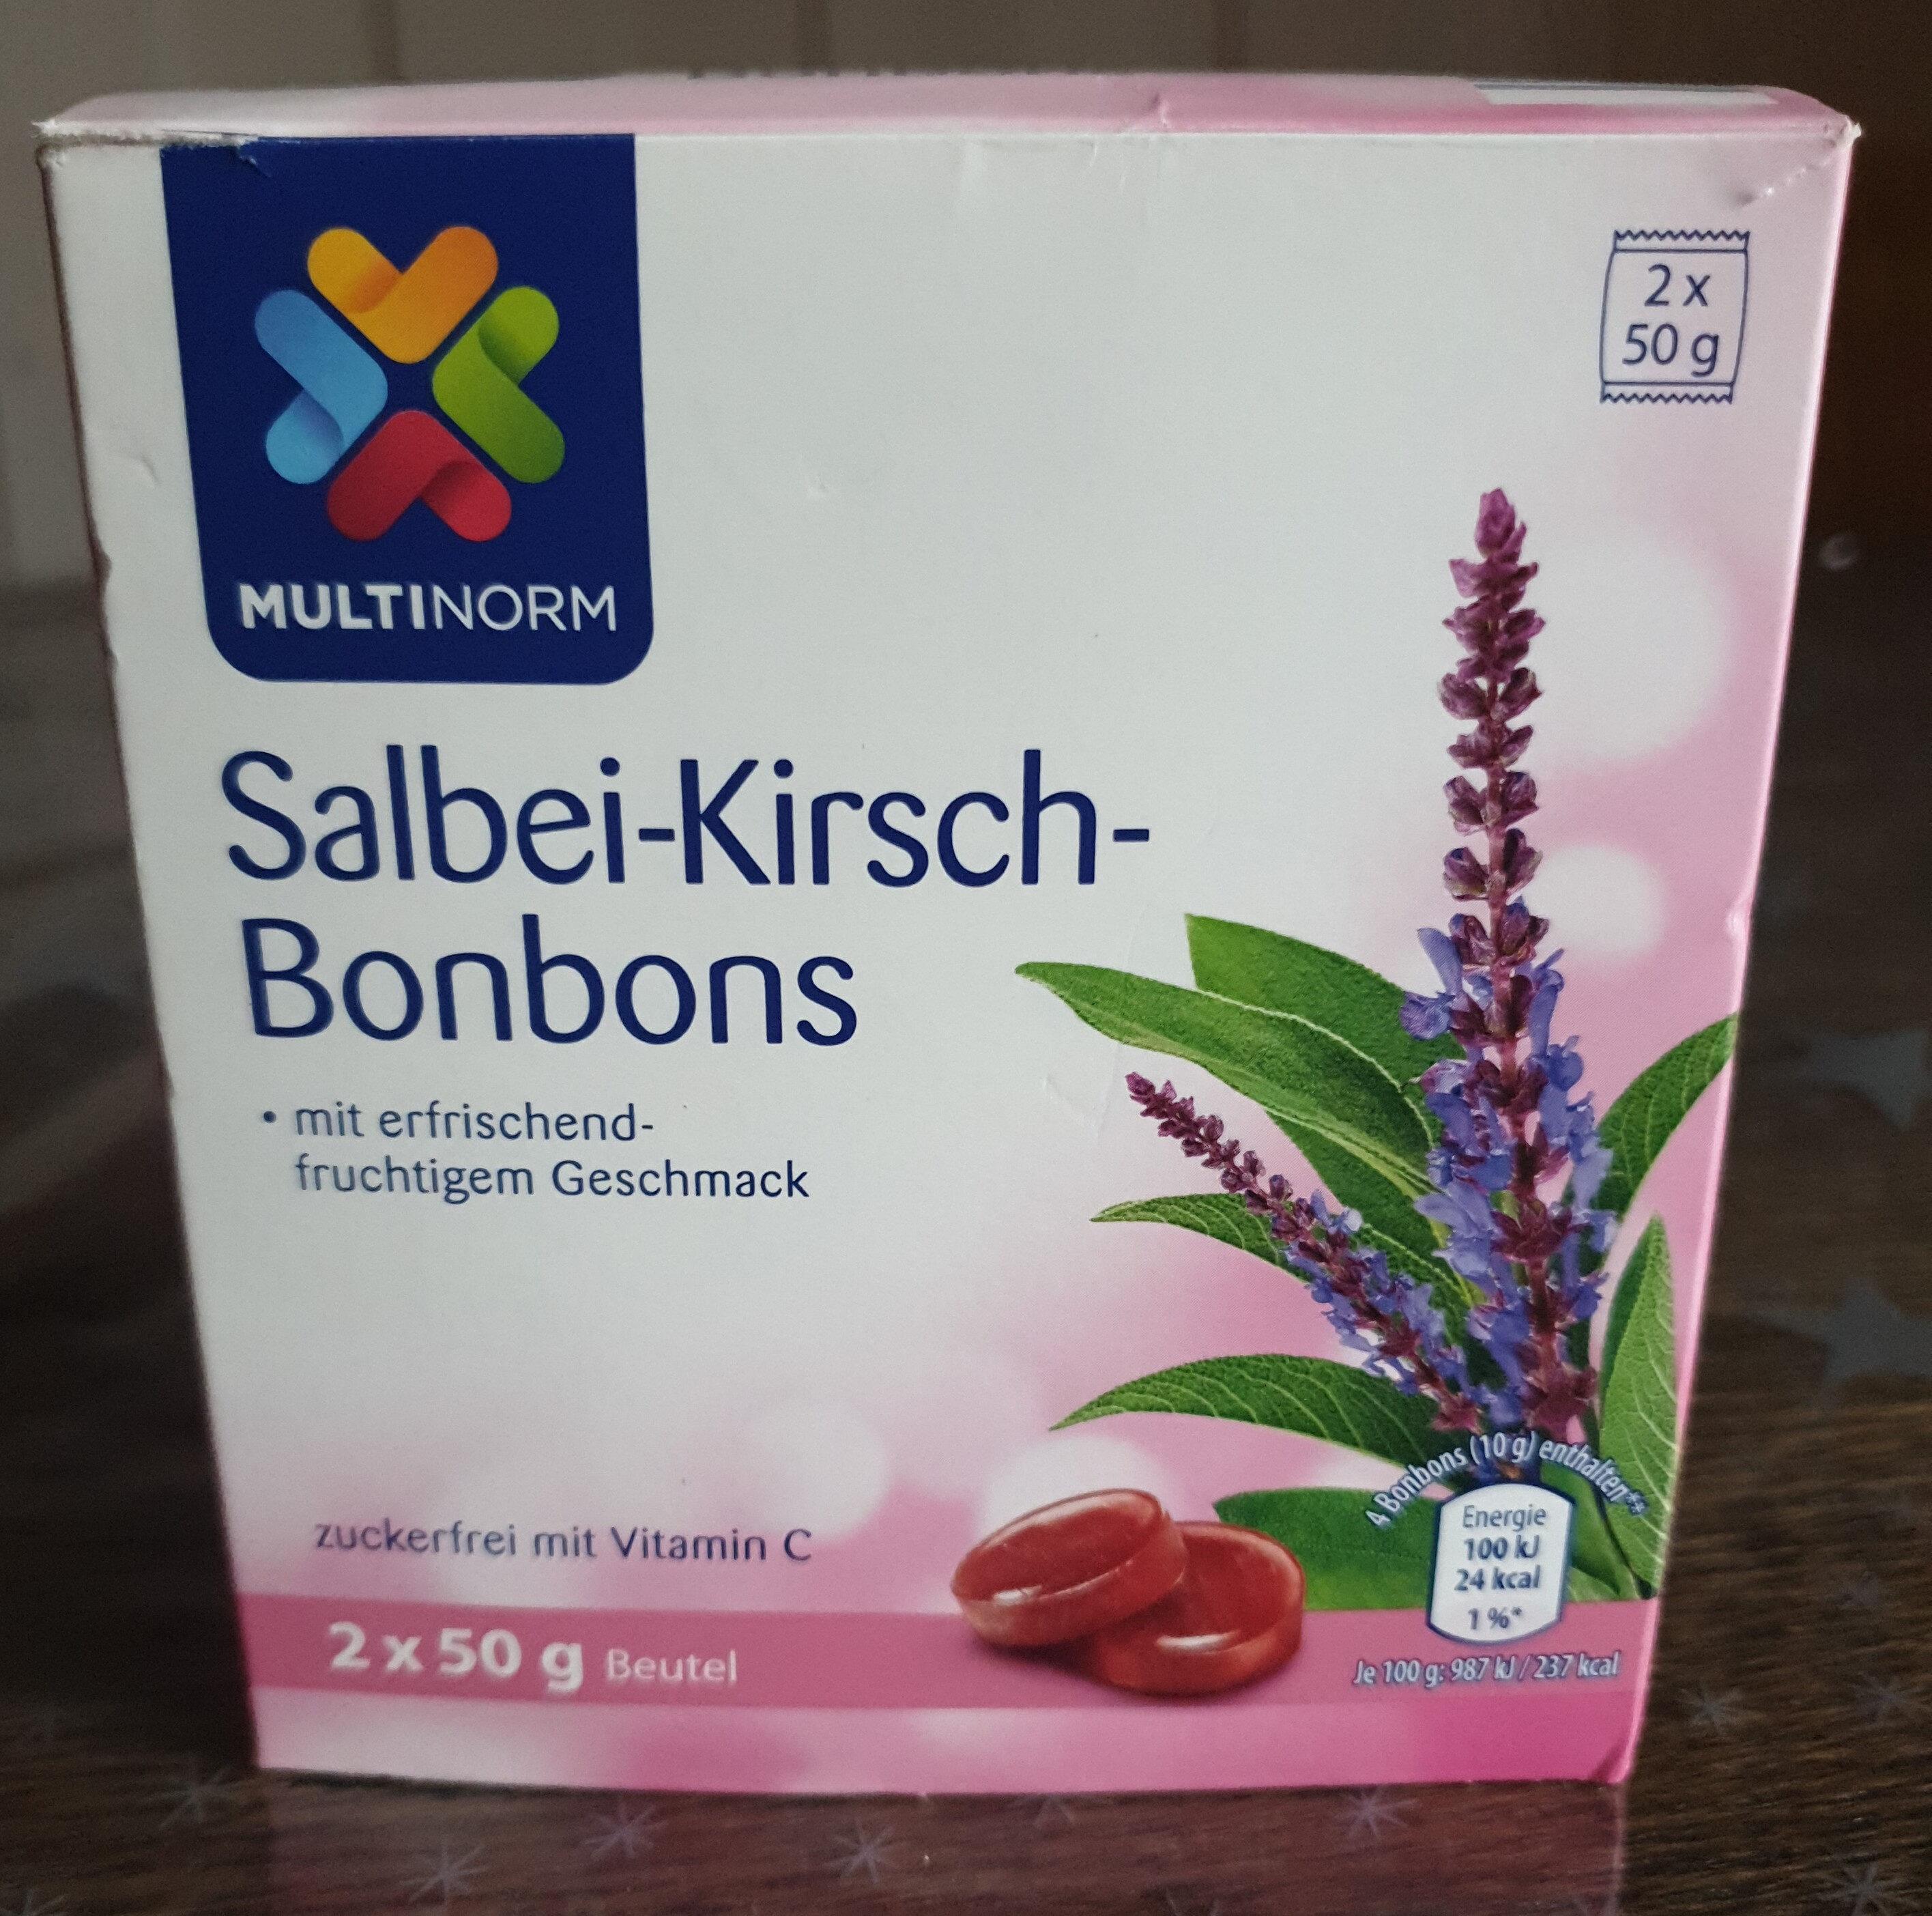 Salbei-Kirsch-Bonbons - Product - de